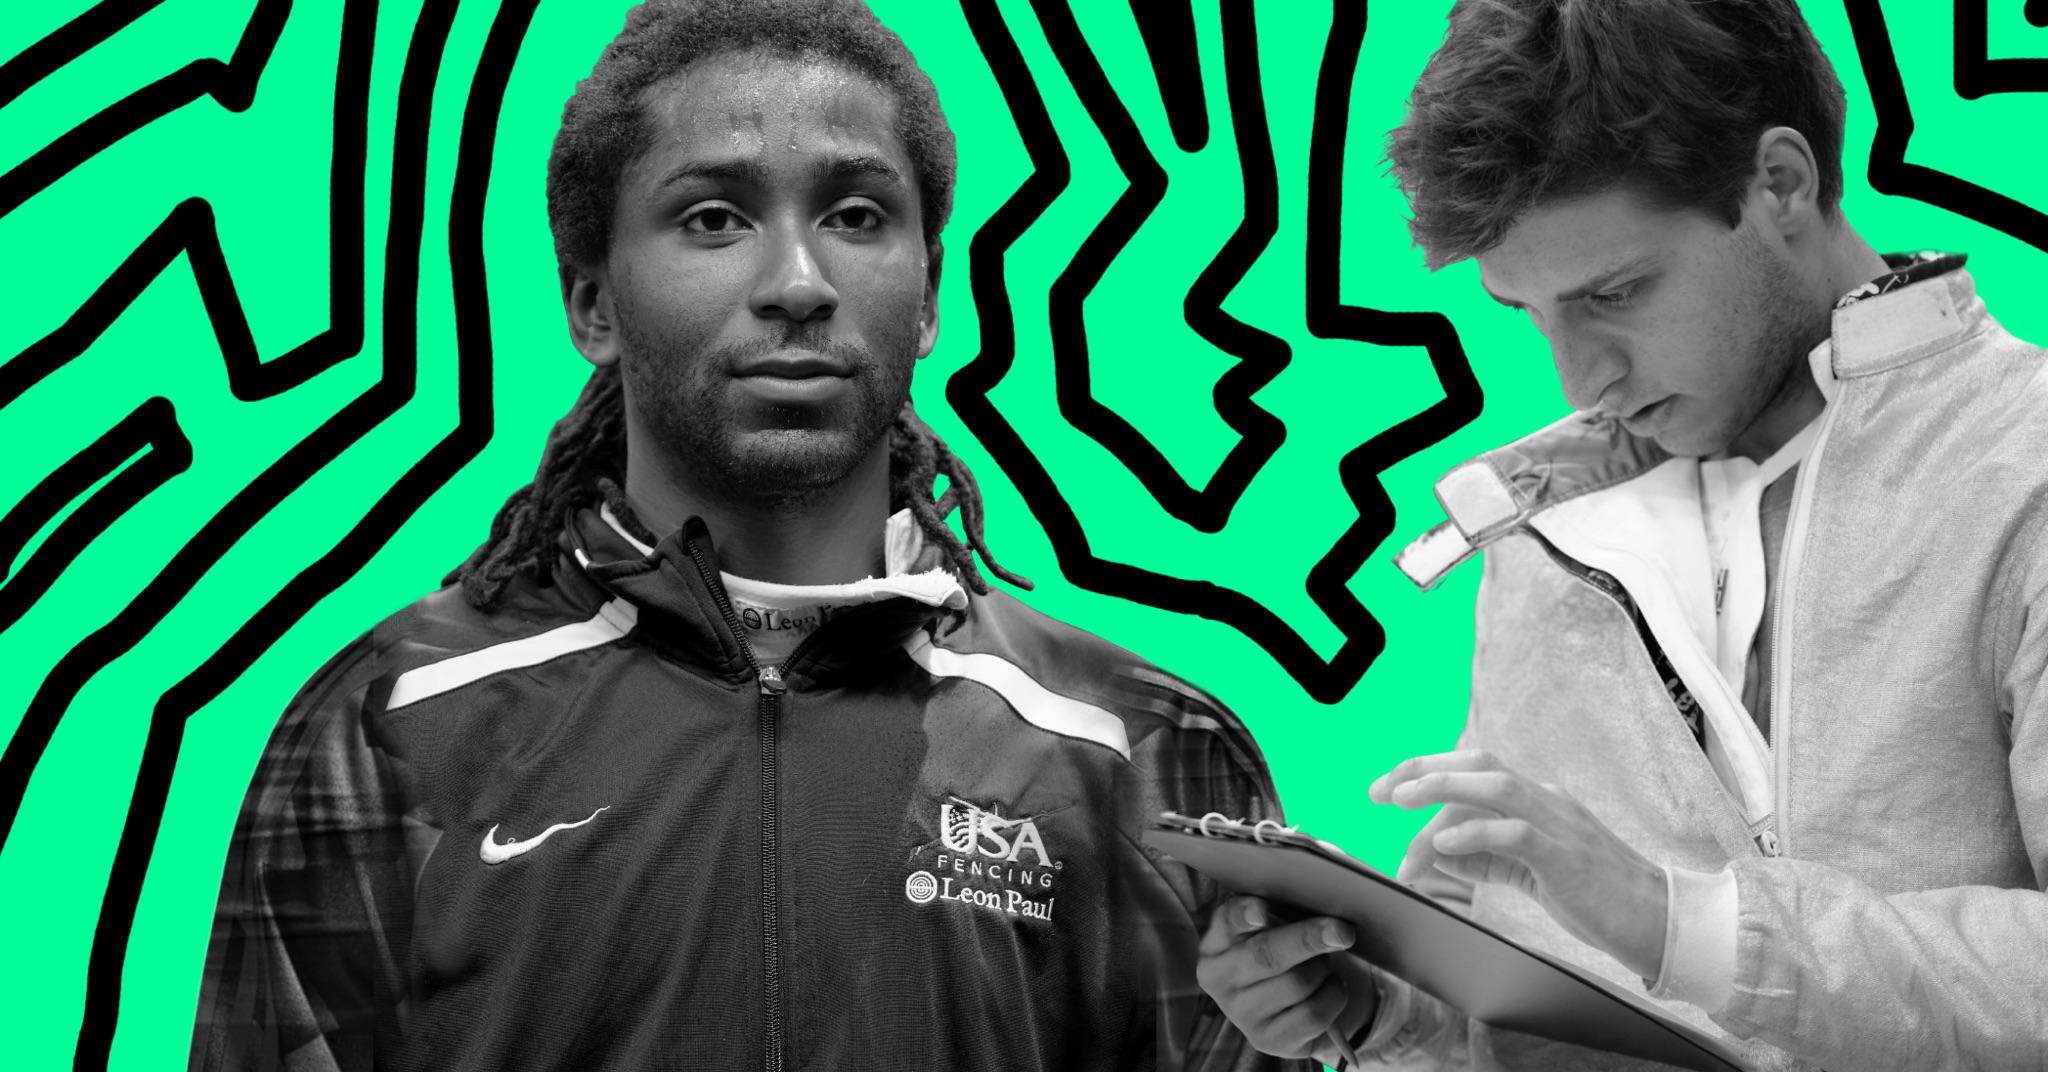 Olympic fencers Jason Pryor and Eli Dershwitz